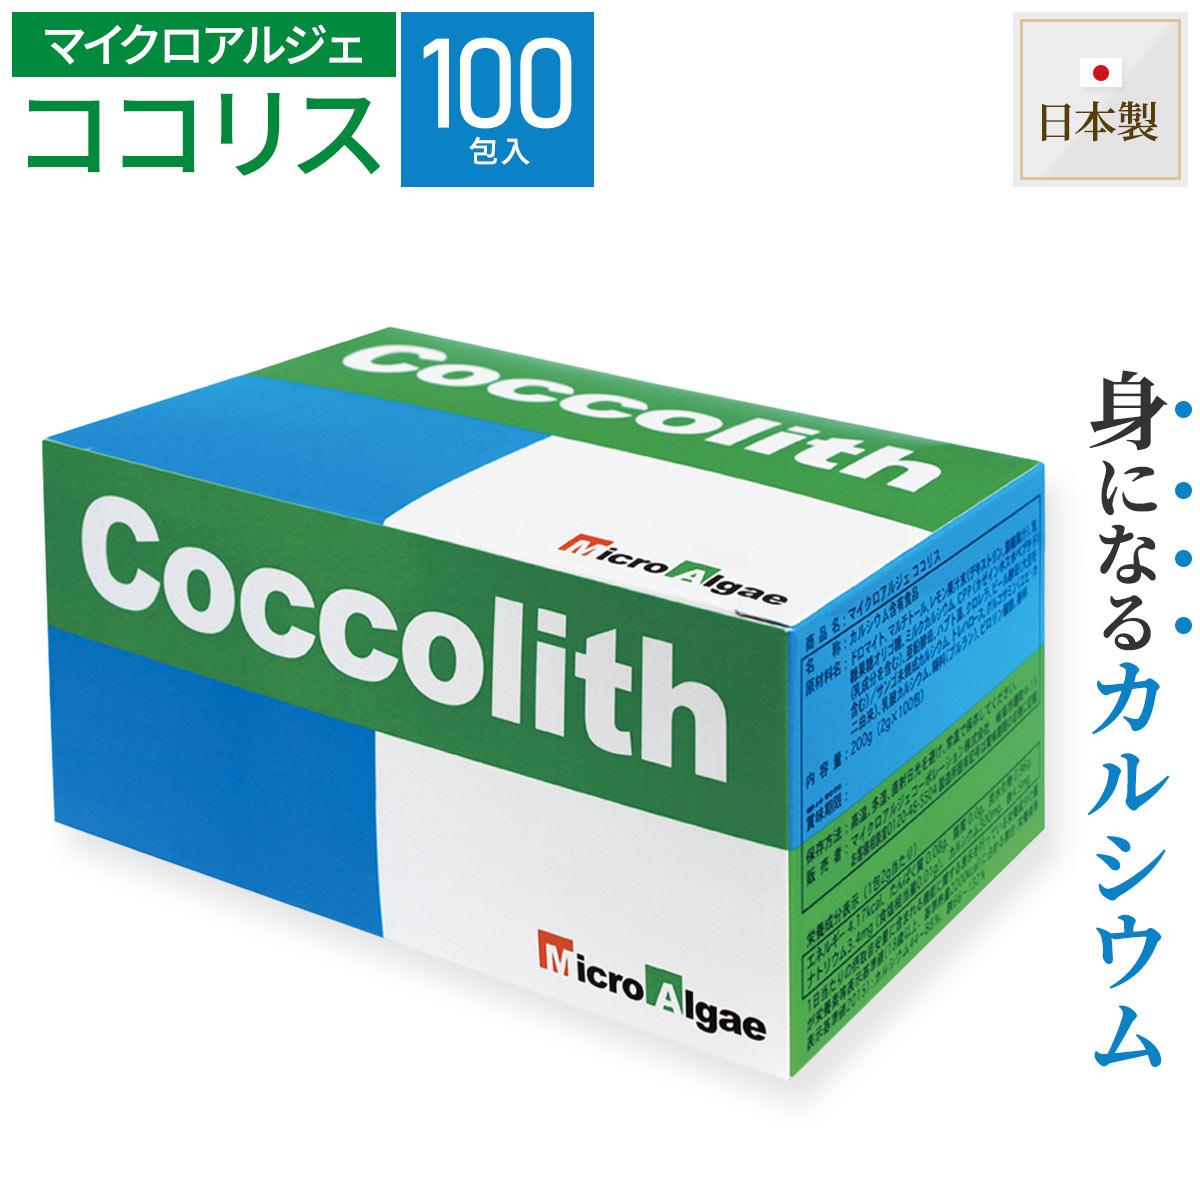 身になるカルシウム ココリス Coccolith 正規店 マイクロアルジェ メーカー再生品 サプリメント100袋